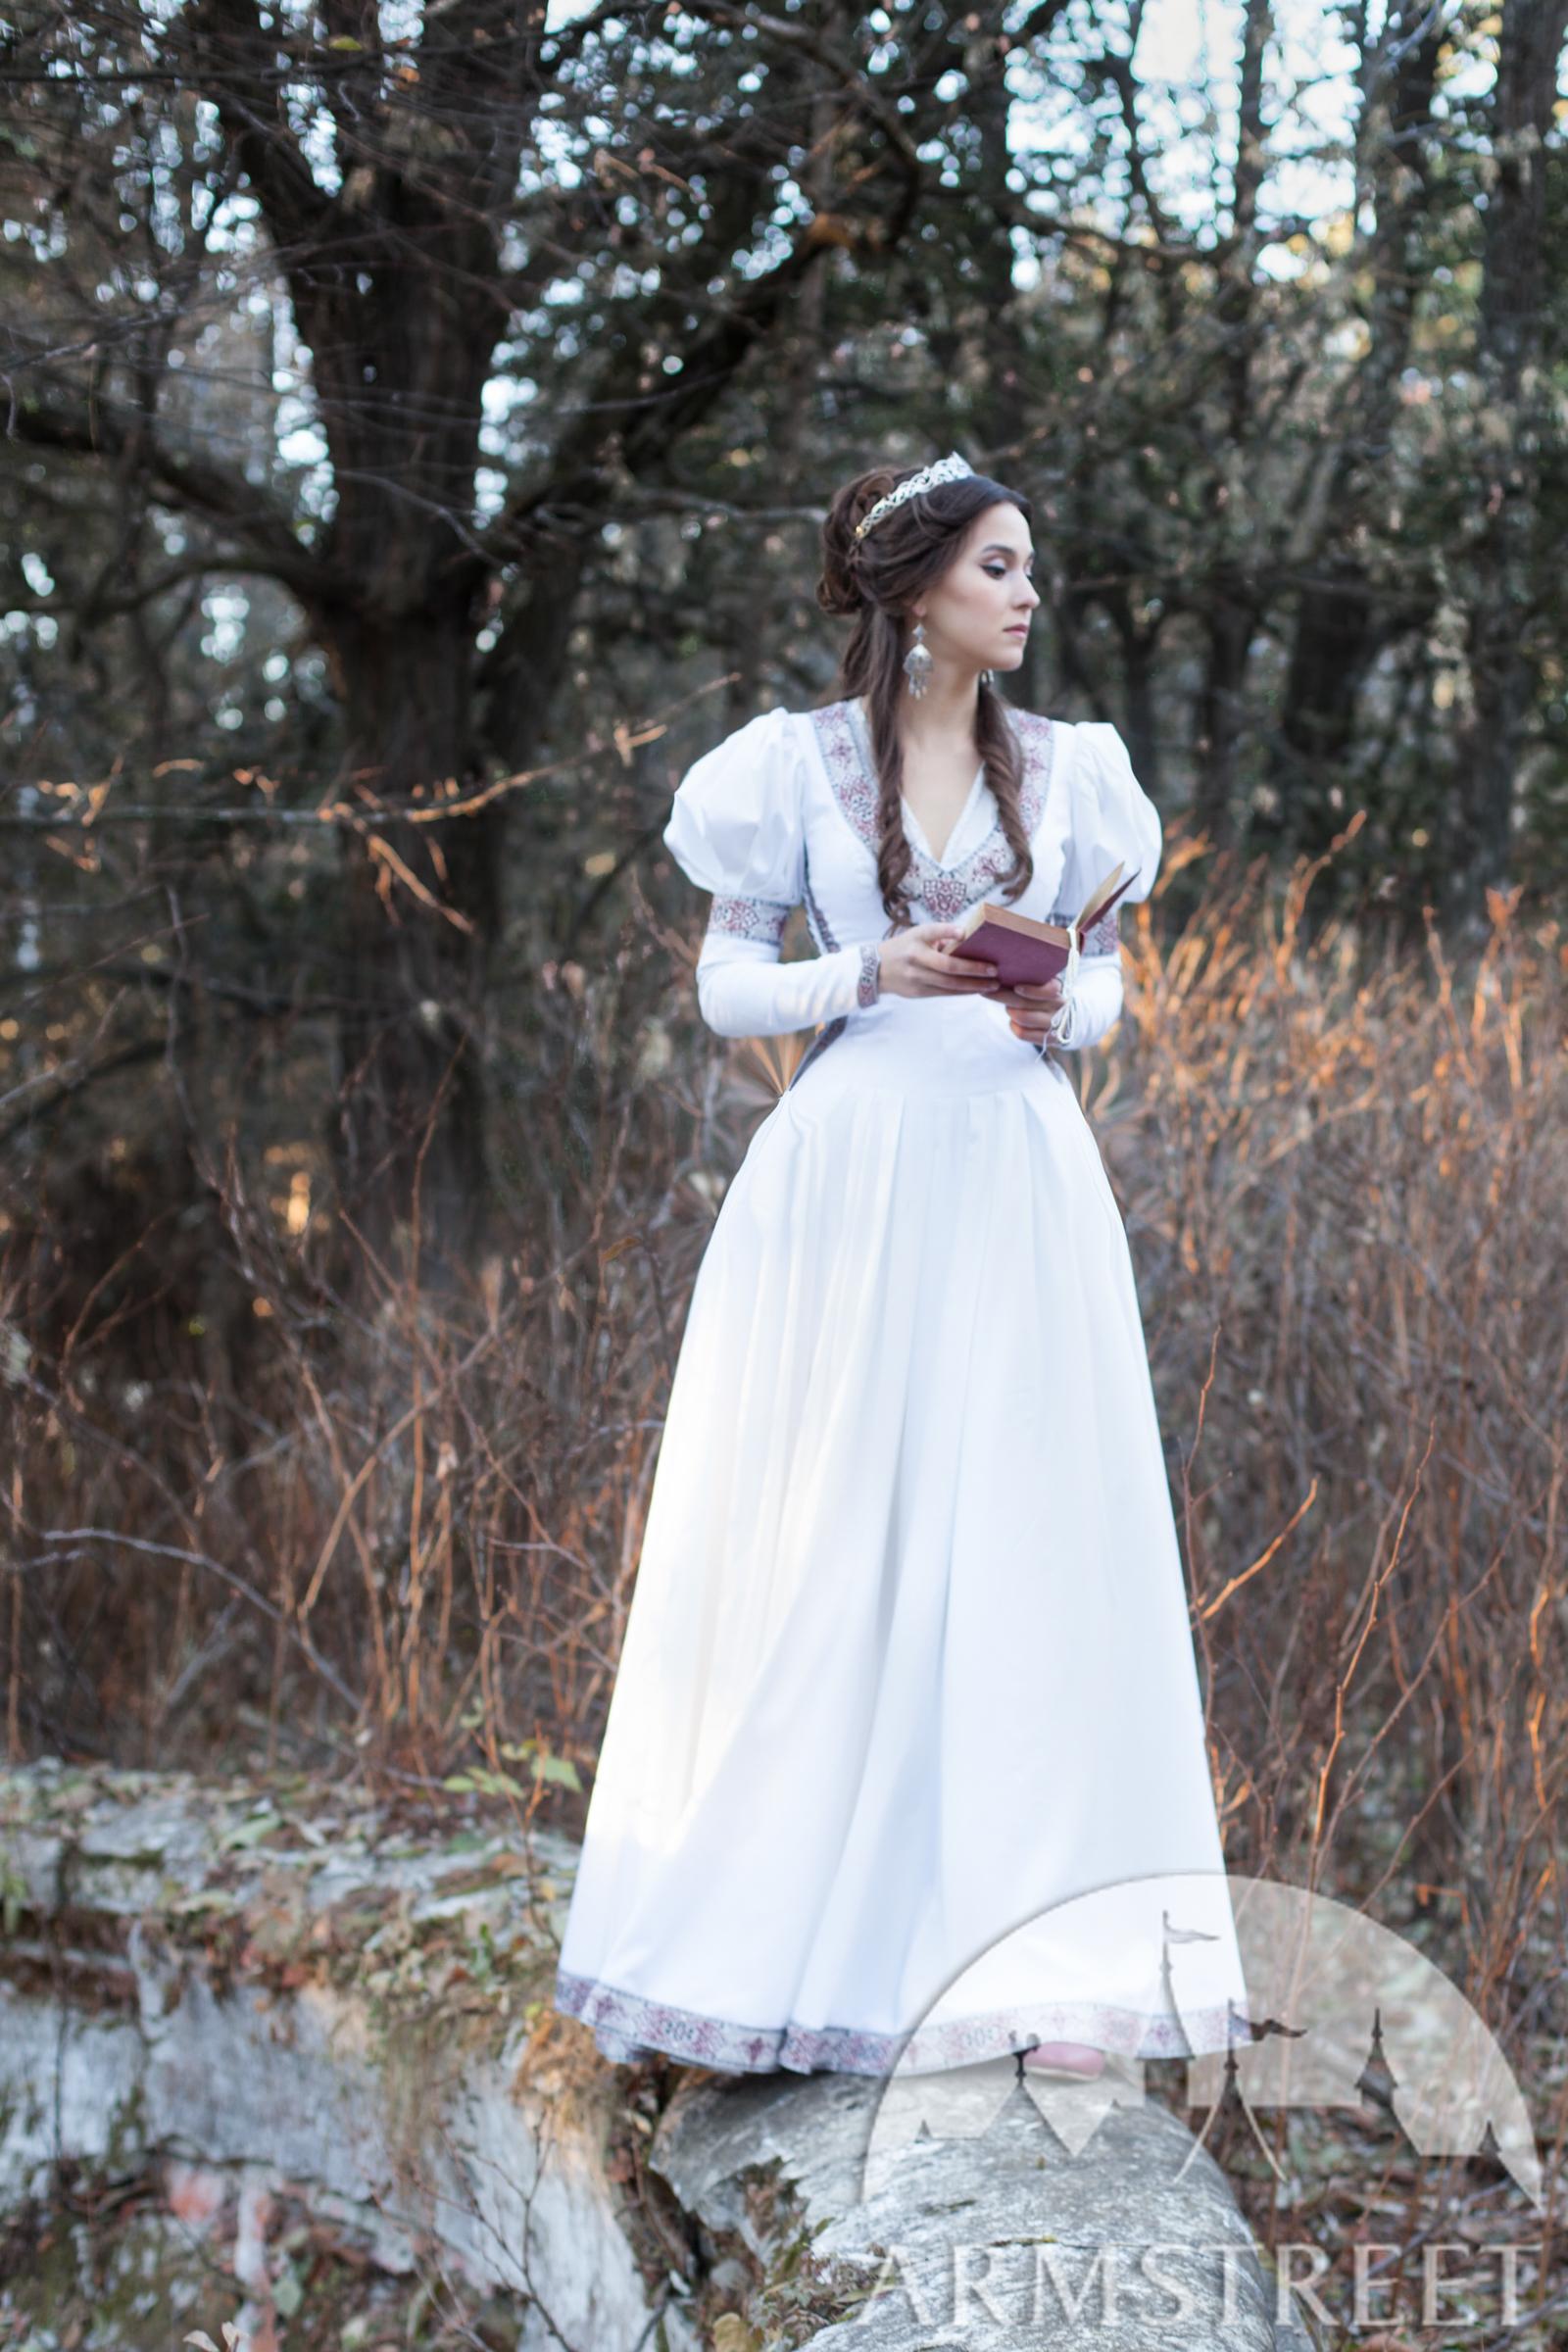 Mittelalter Gewand Die Gefundene Prinzessin Kleid Und